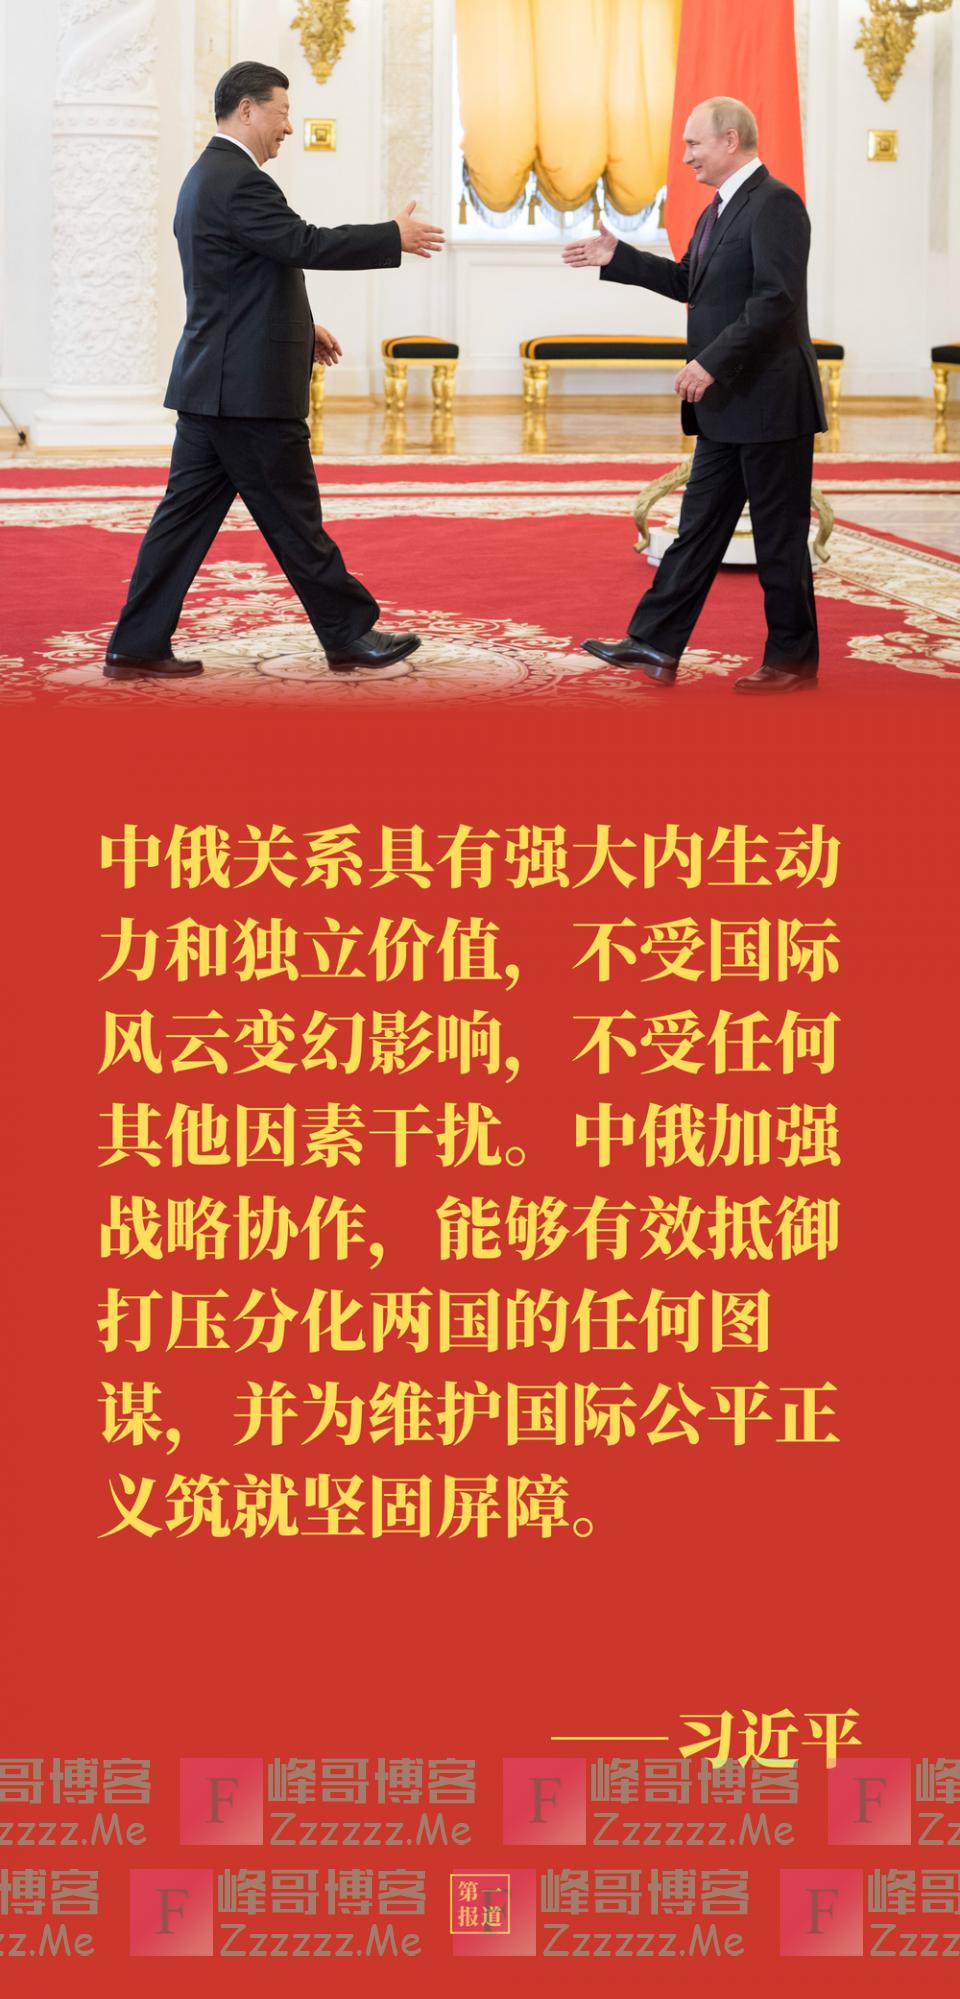 第一报道丨元首外交引领,中俄让世界看到大国的样子